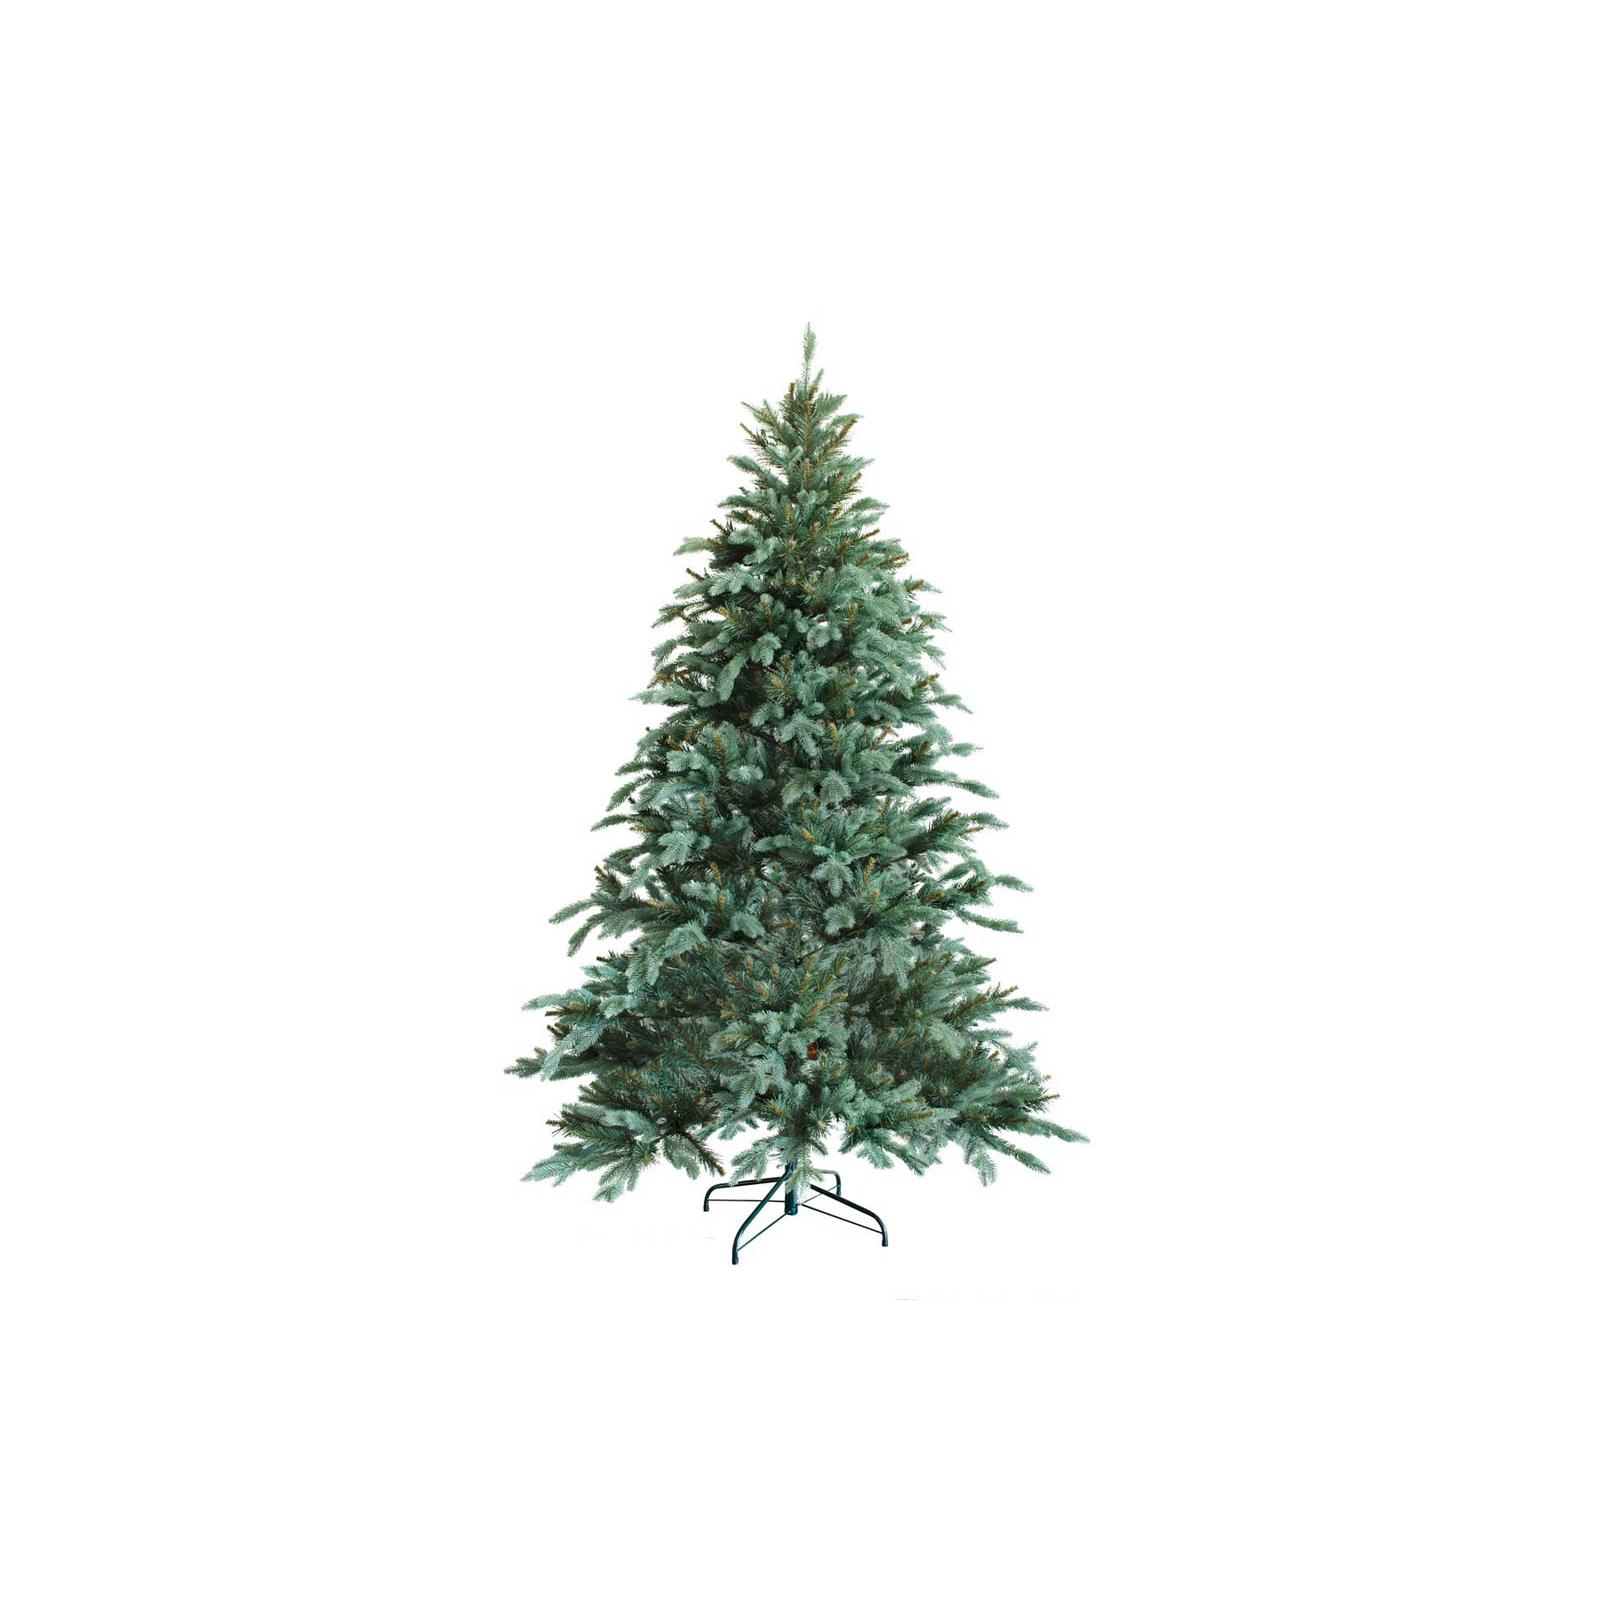 Искусственная елка YES! Fun Ситхинская голубая 2,10 м литая (903536)